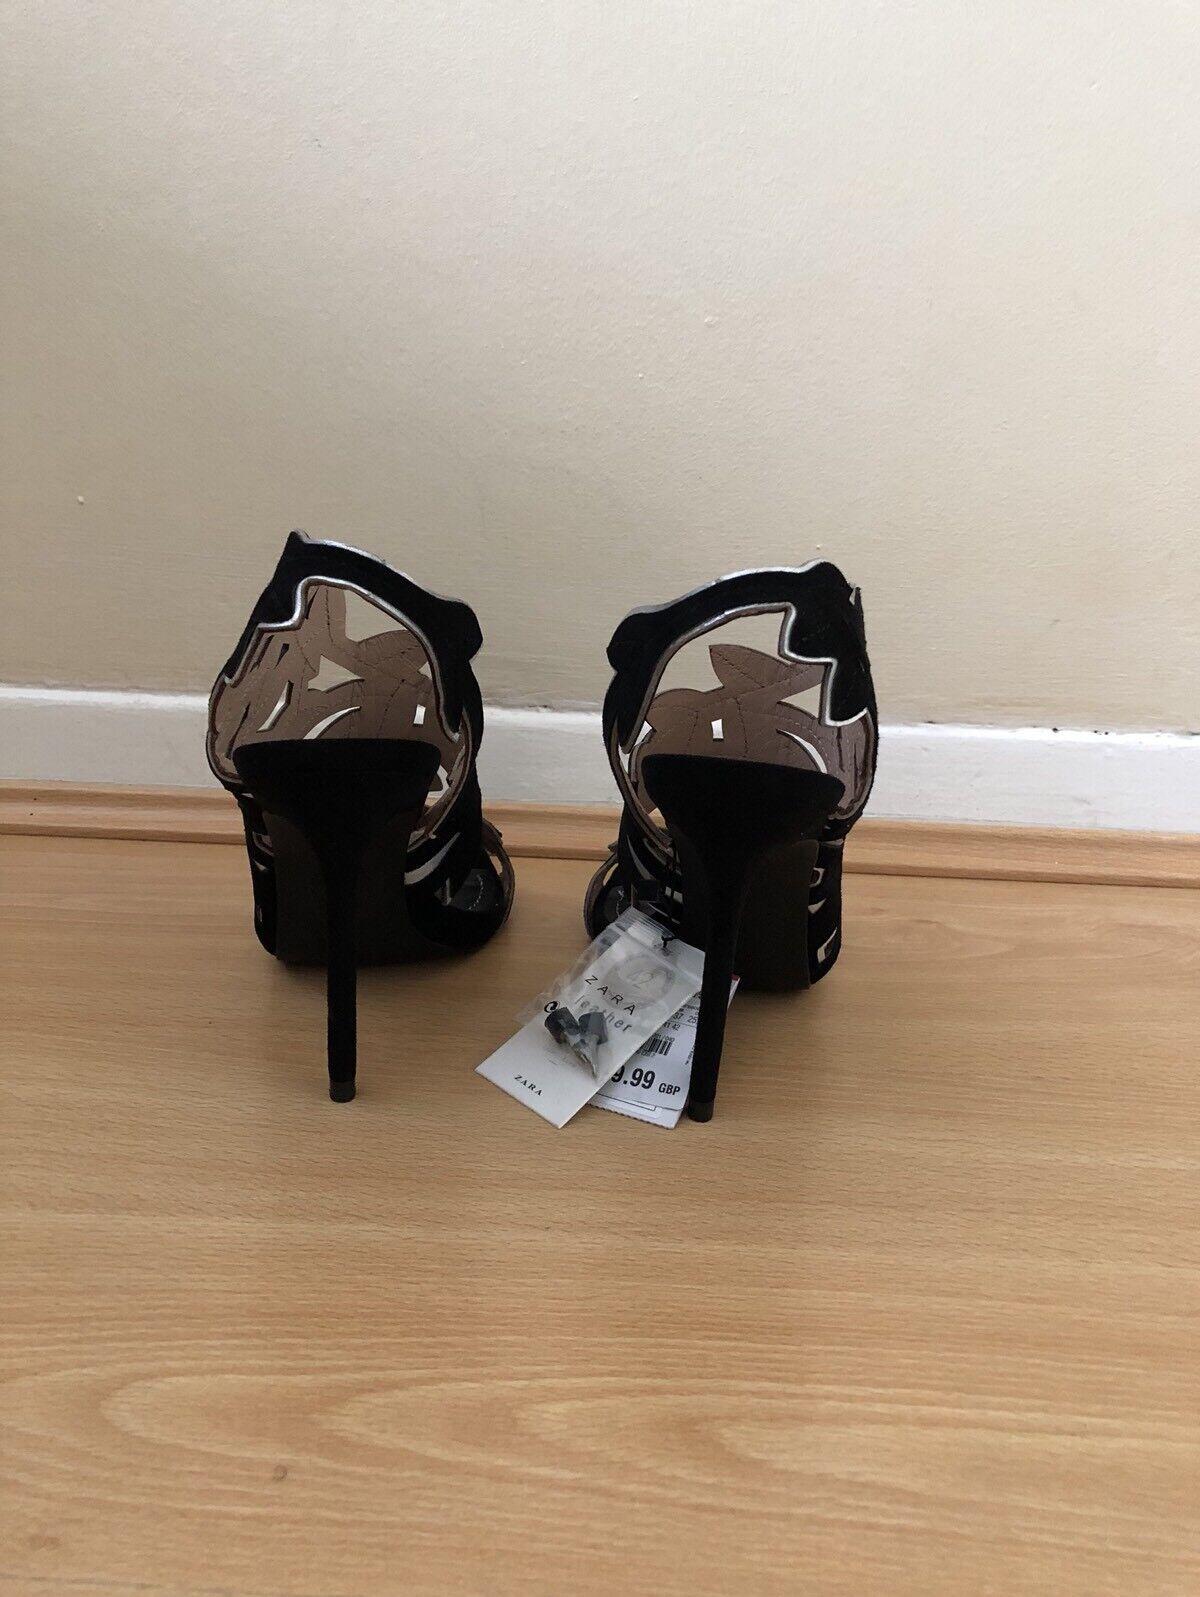 6f7c002dc69 Zara Black Leather Leaves High Heel Sandals Size UK 3 Ref 5452 201 for sale  online